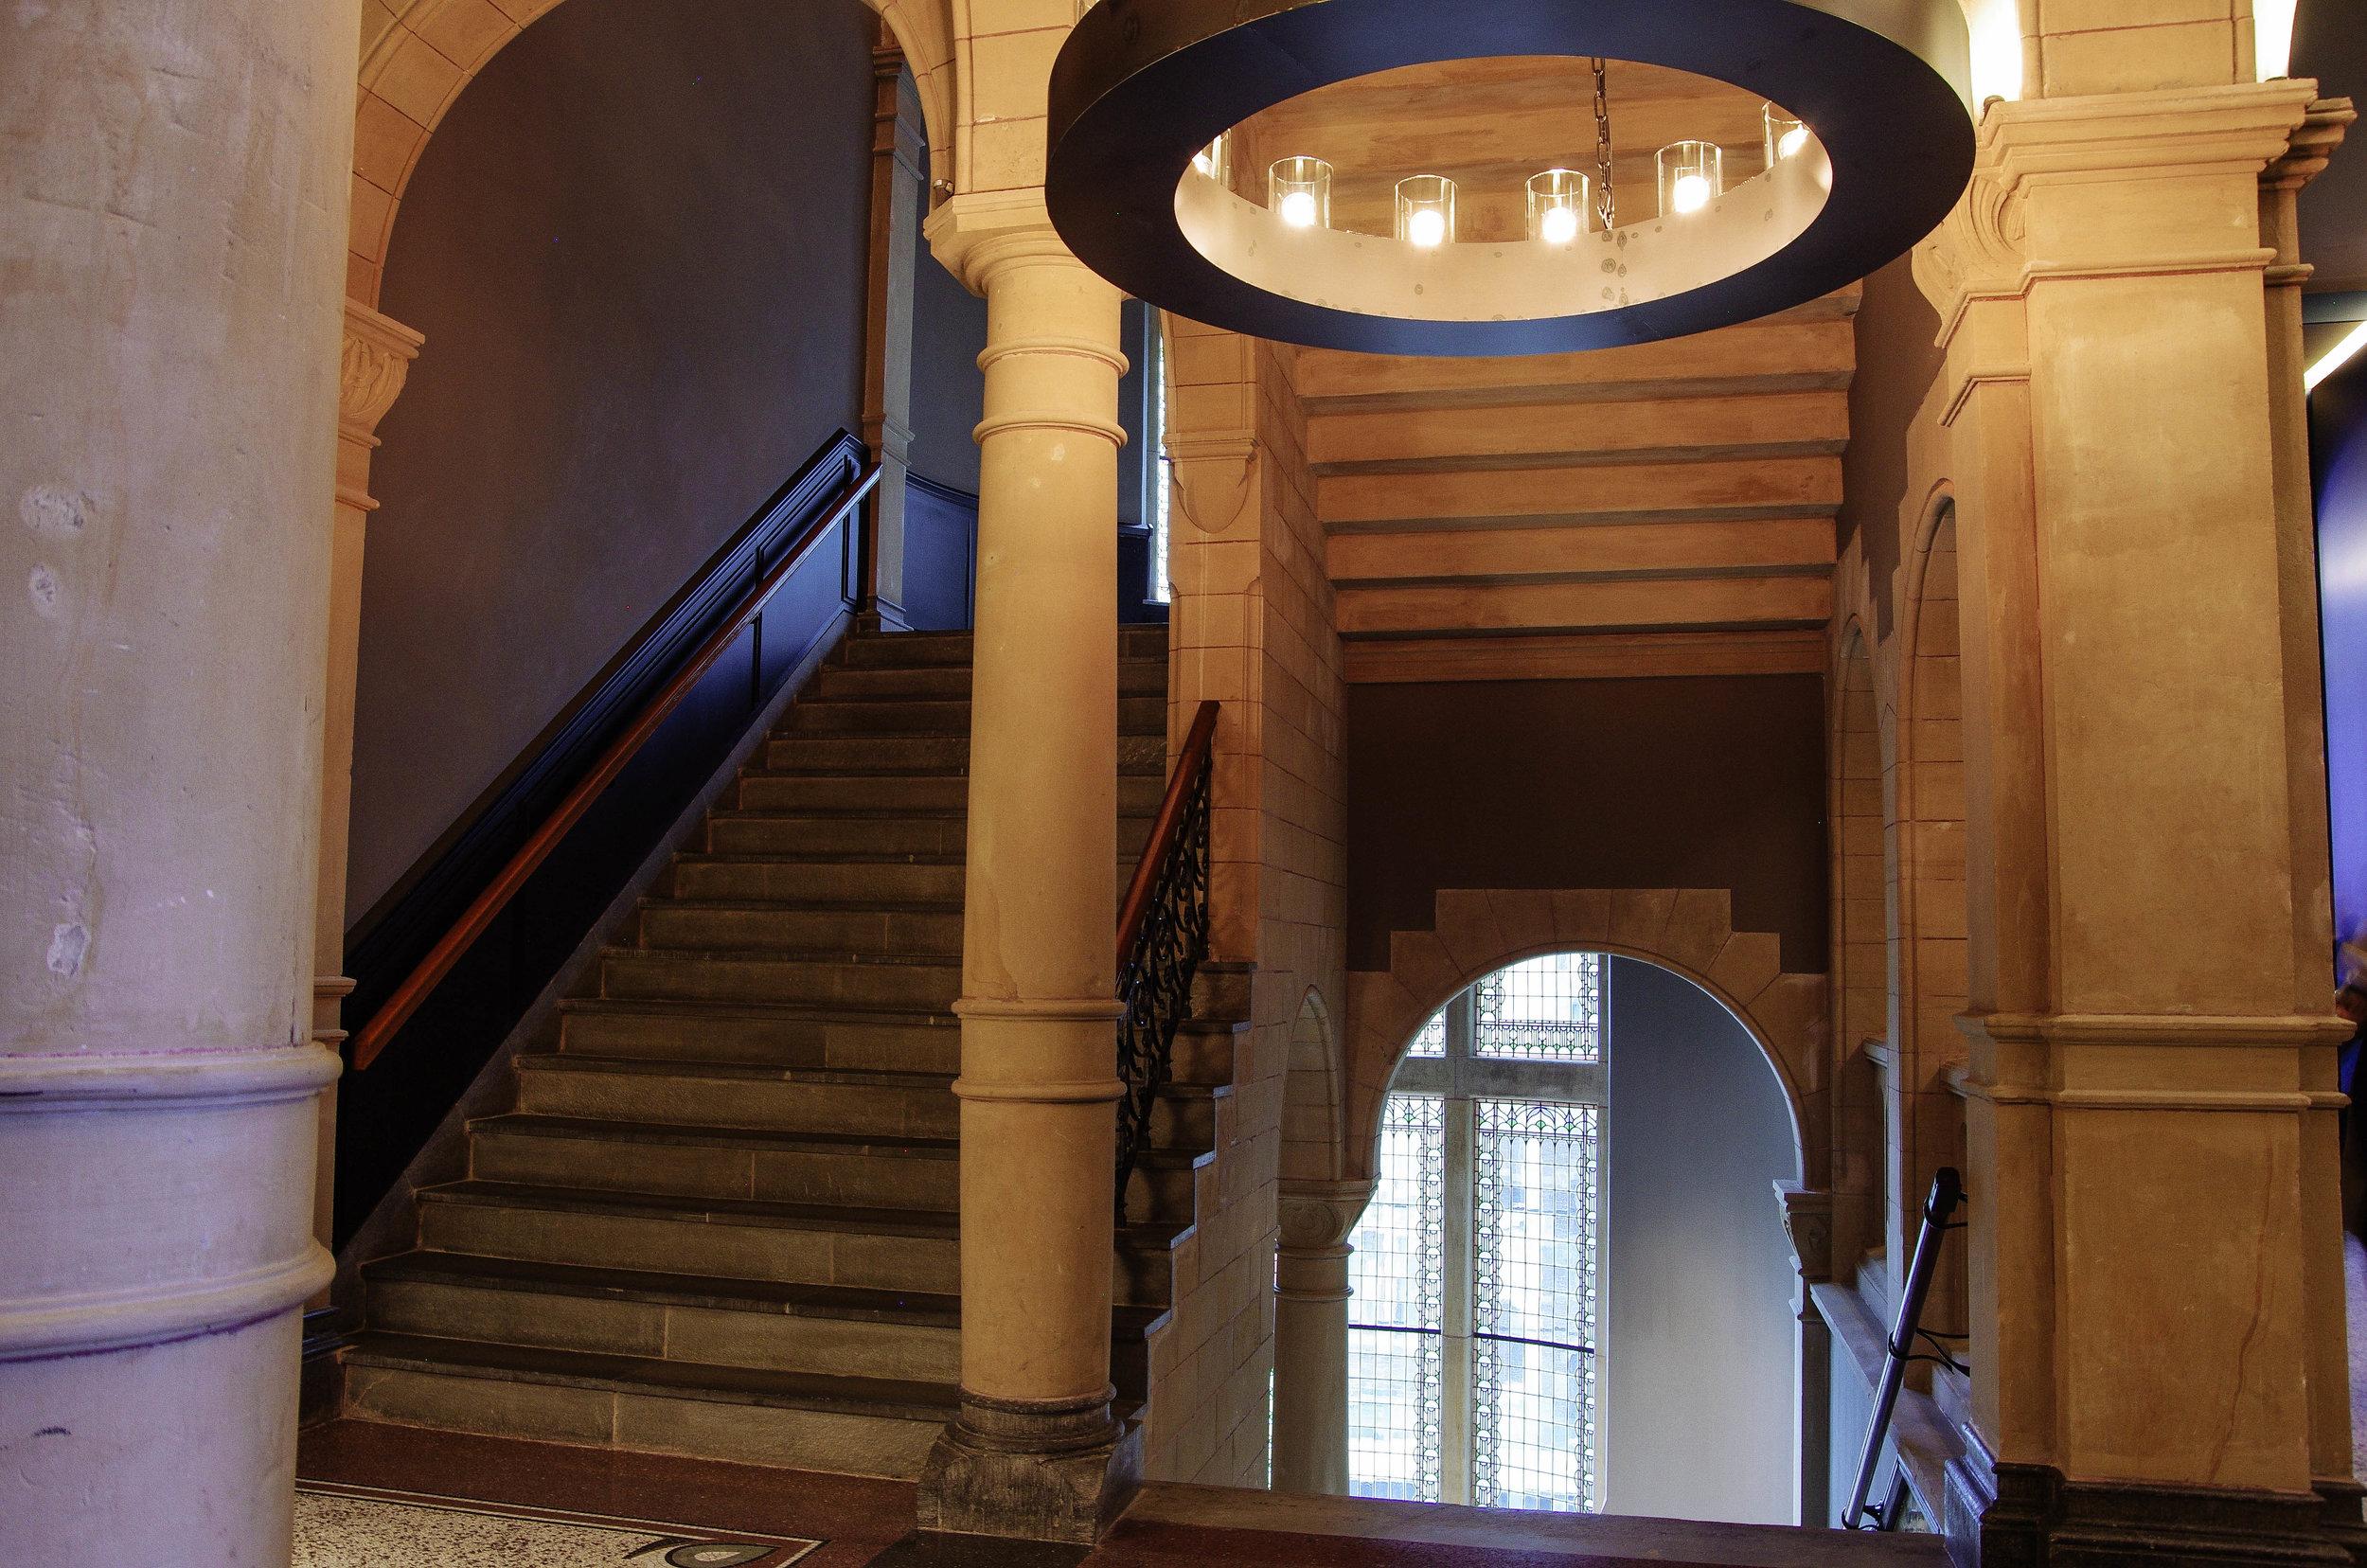 CONSERVATORIUM HOTEL AMSTERDAM - Hallway details 9.jpg